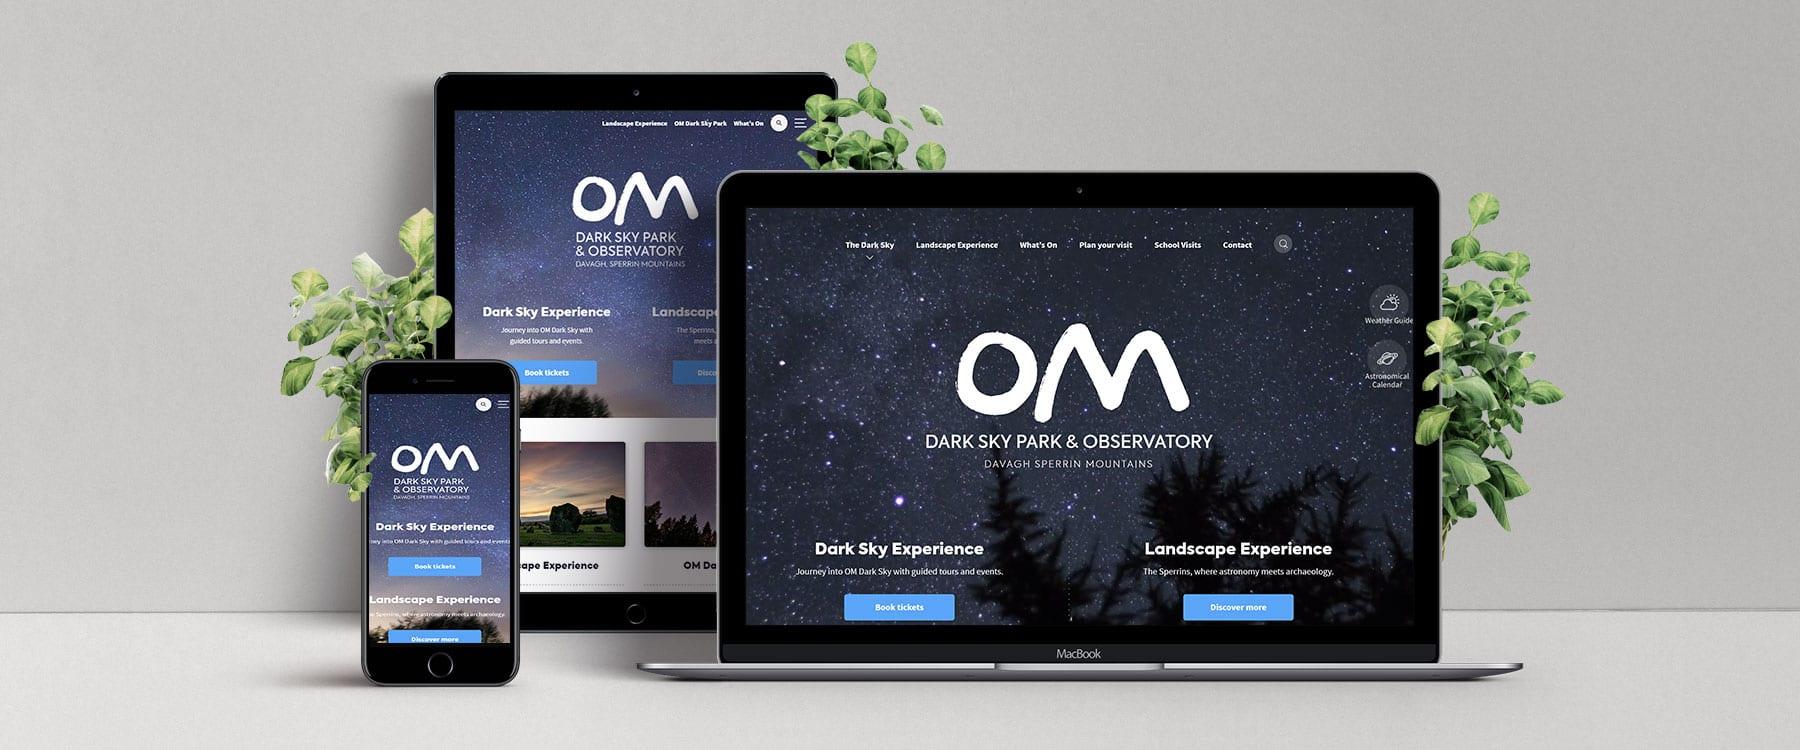 Bespoke New Website for OM Dark Sky Park and Observatory Image